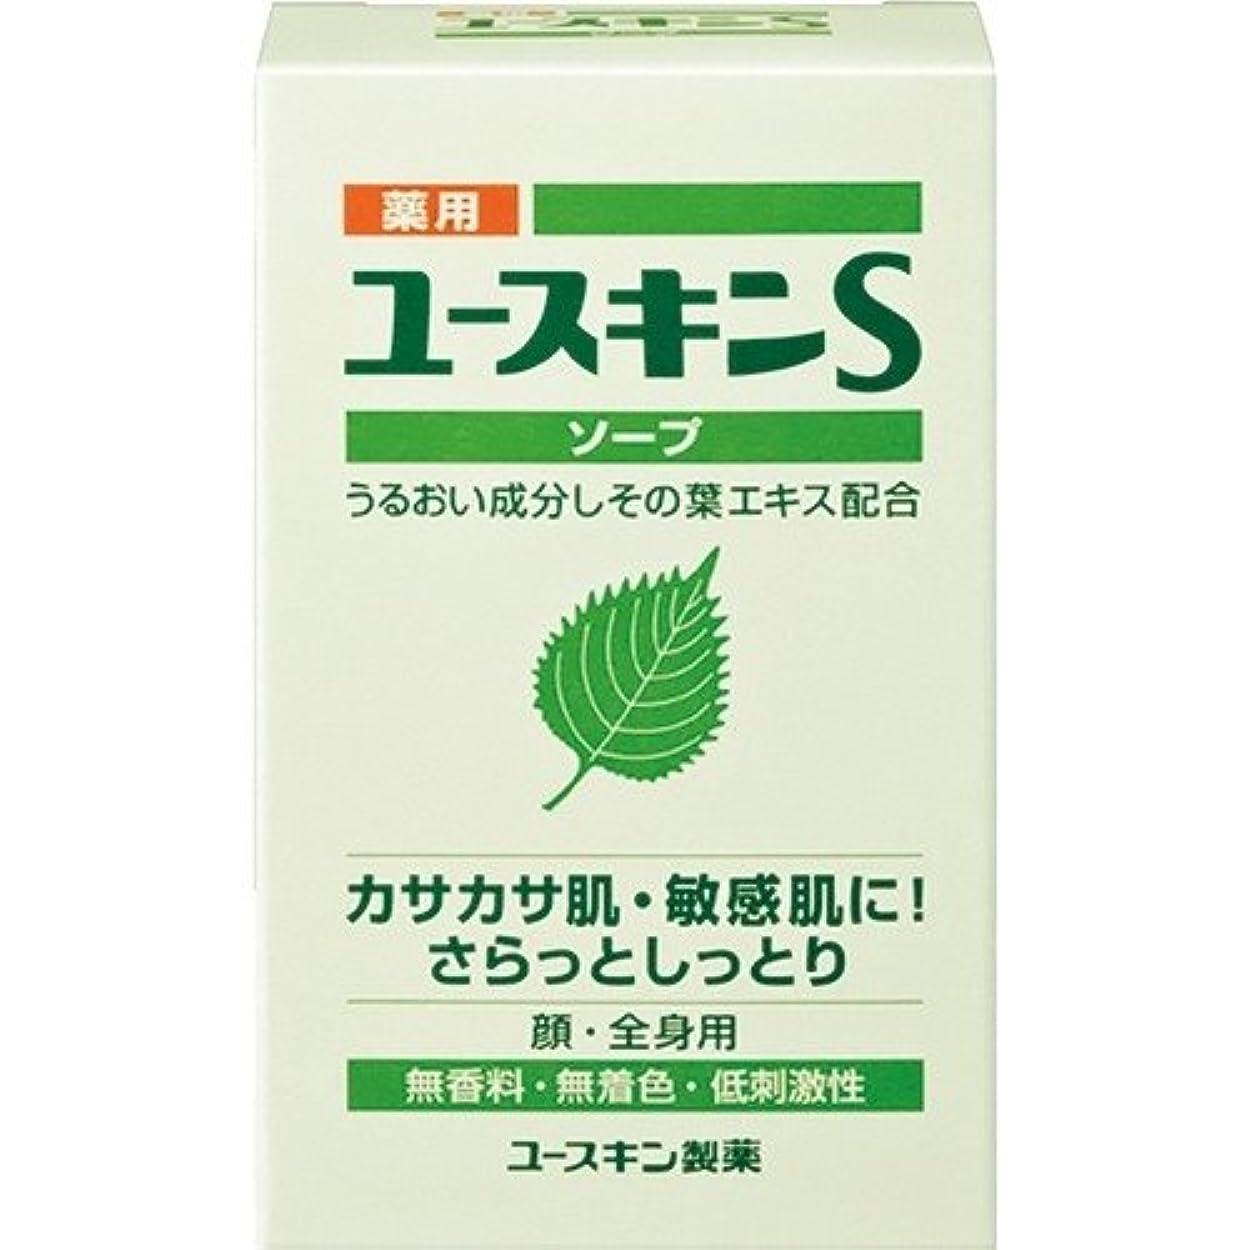 インストールオゾン平凡薬用ユースキンSソープ